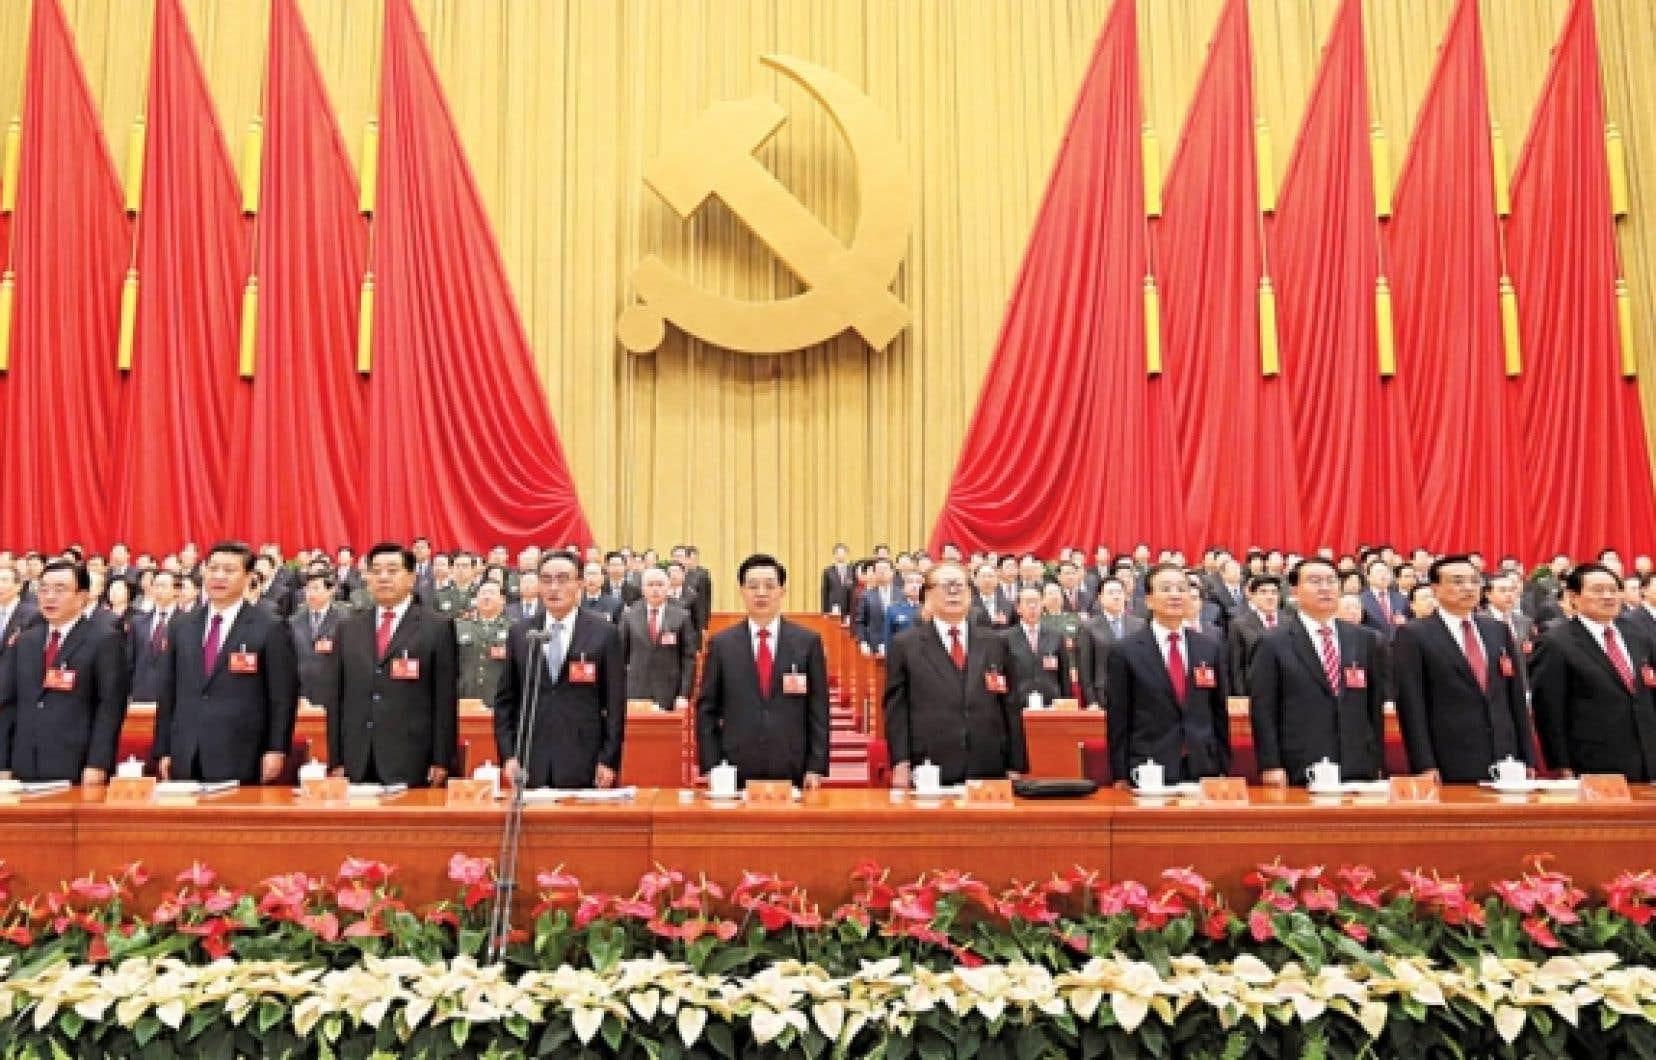 Une partie des participants au congrès, dont le secrétaire général actuel, Hu Jintao (au centre).